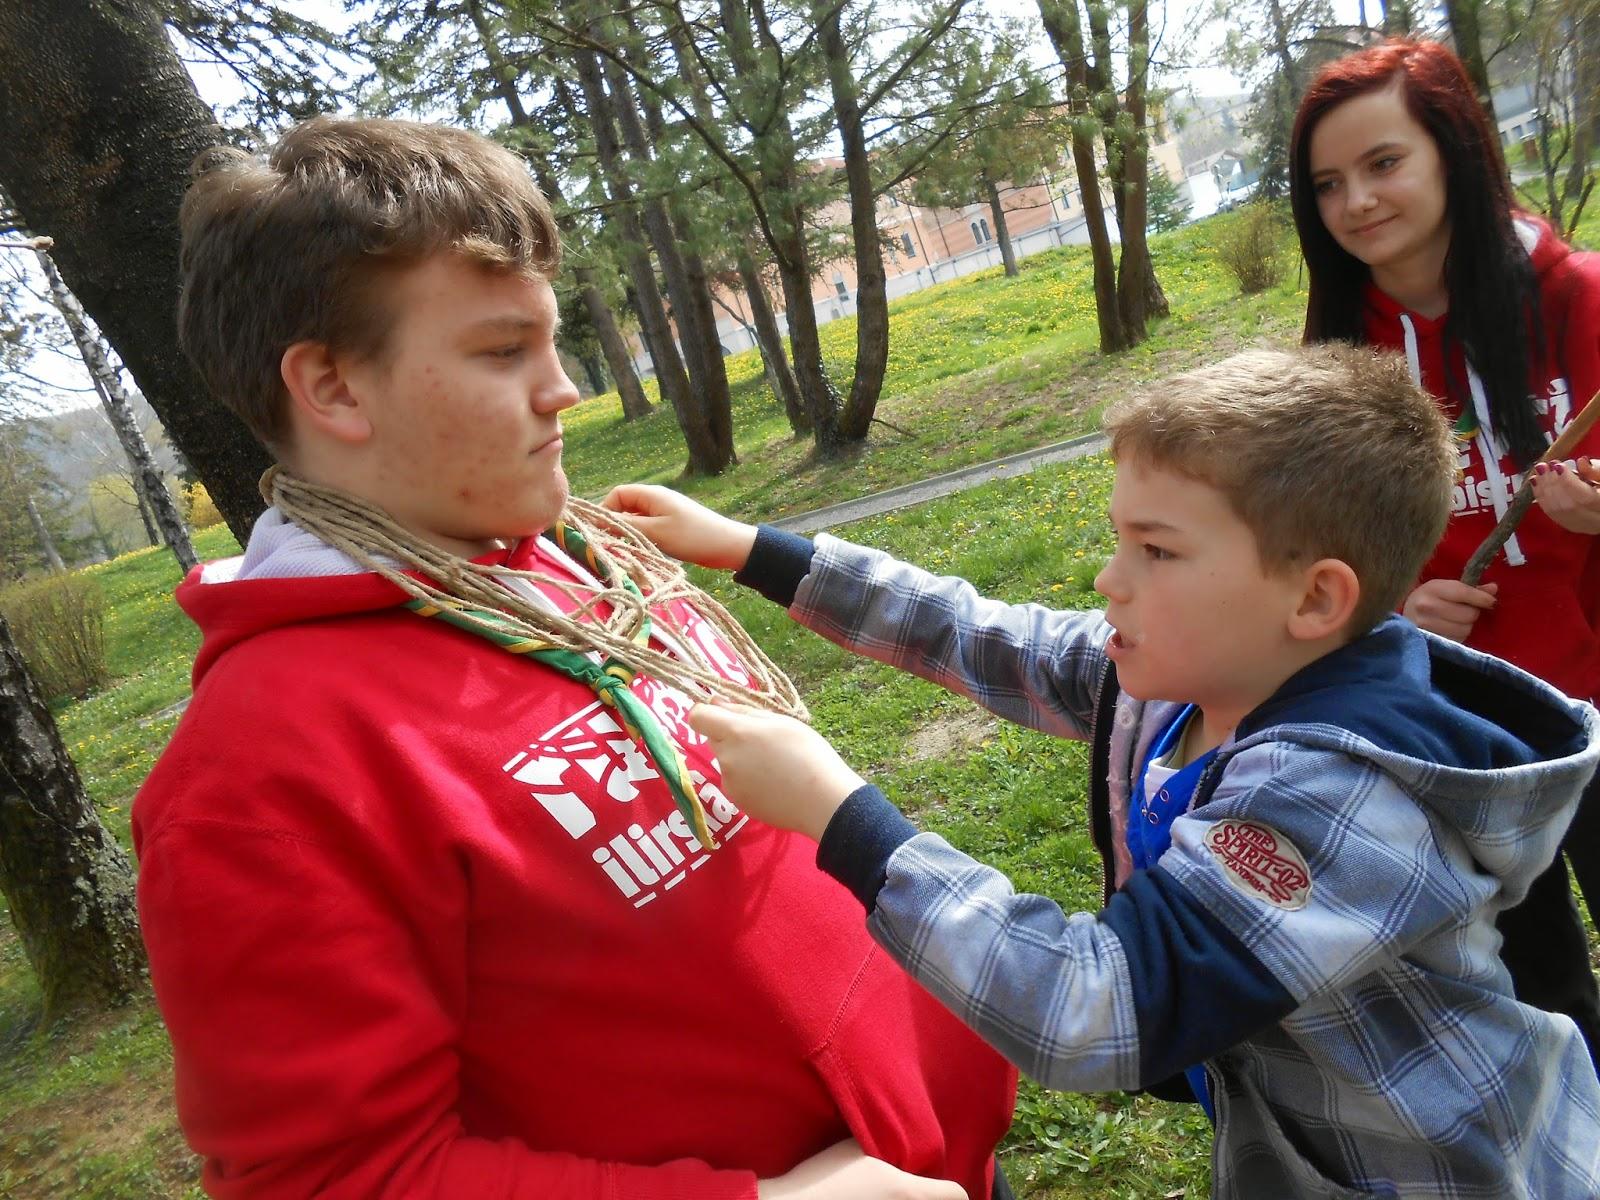 Športni dan 4. razred, 4. april 2014, Ilirska Bistrica - DSCN3384.JPG